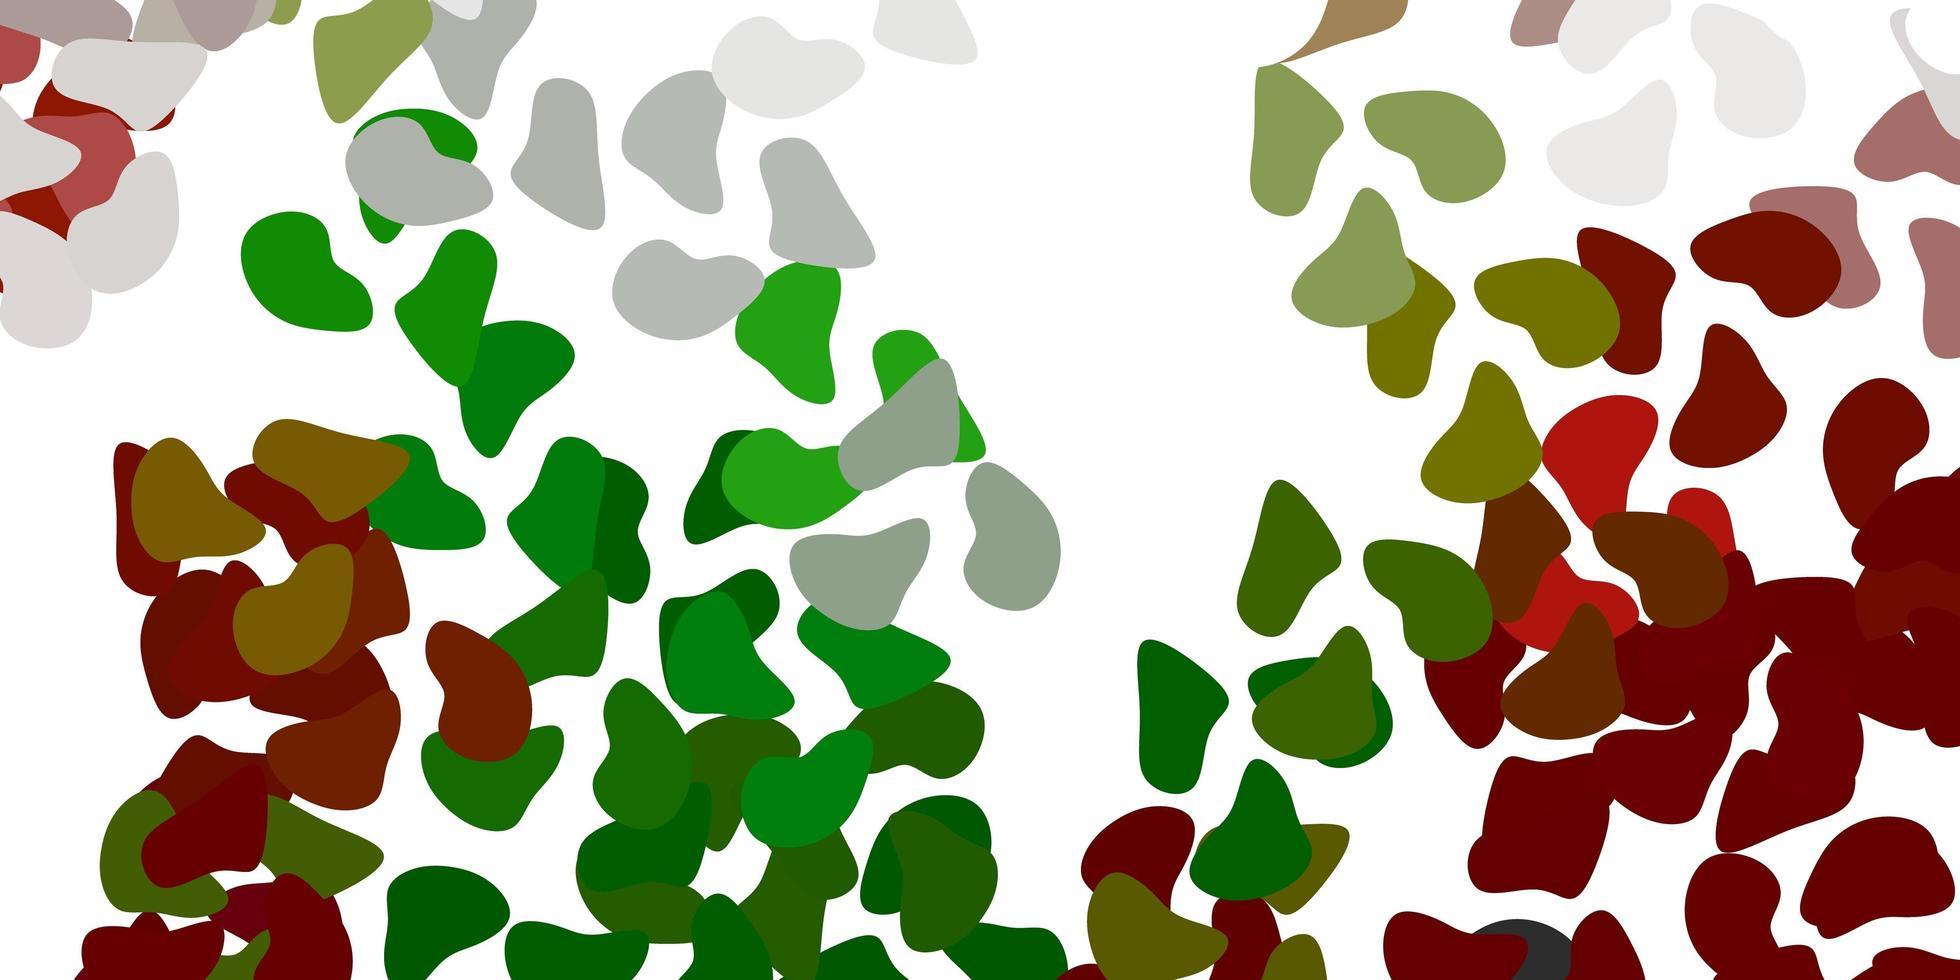 ljusgrön, röd vektorbakgrund med kaotiska former. vektor